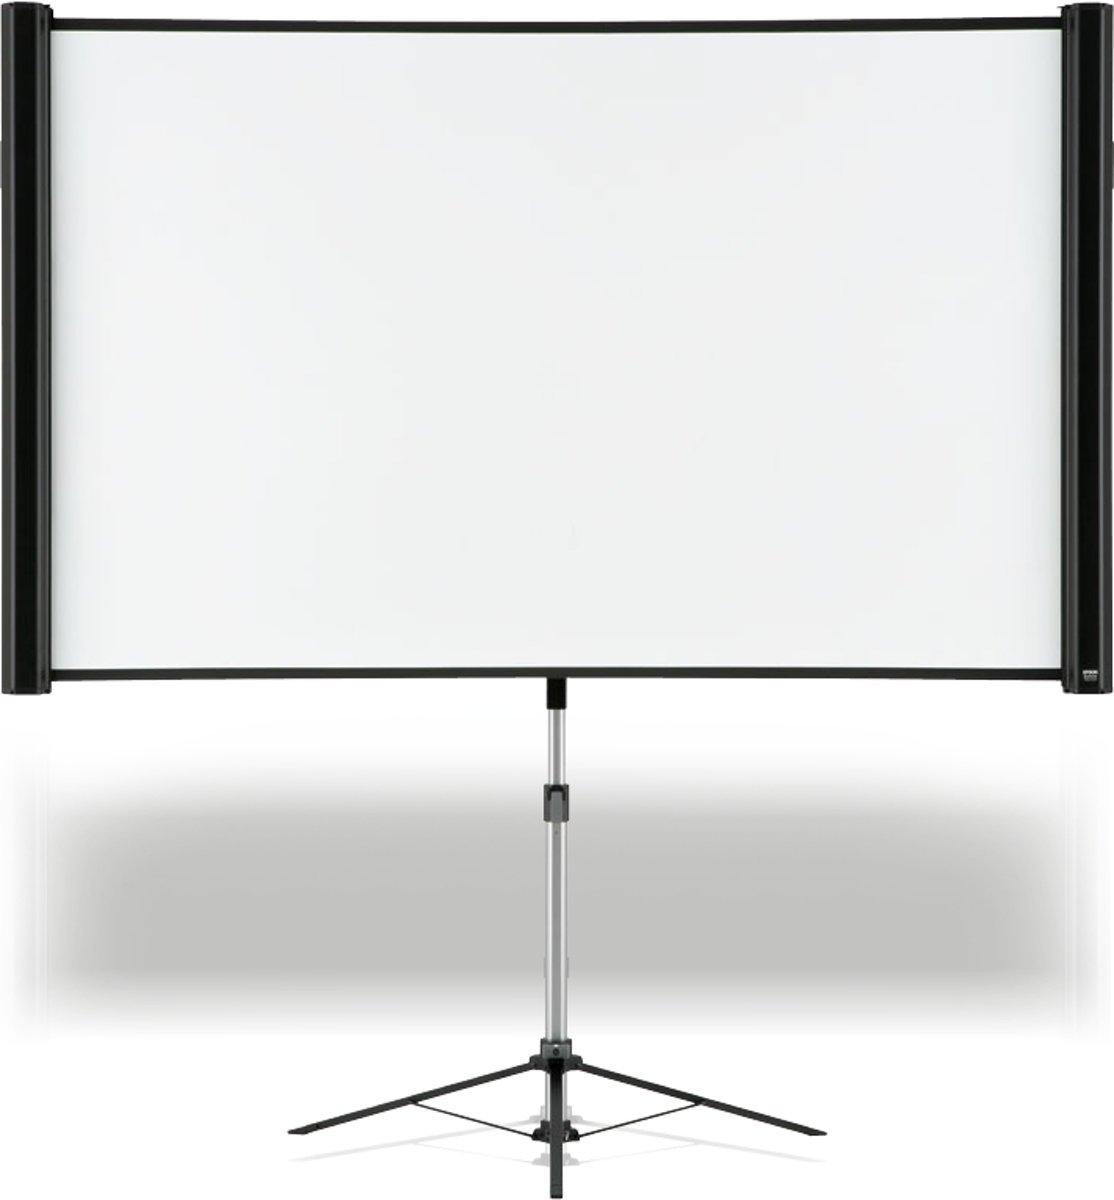 ELPSC26 80 Multi-Aspect Screen kopen